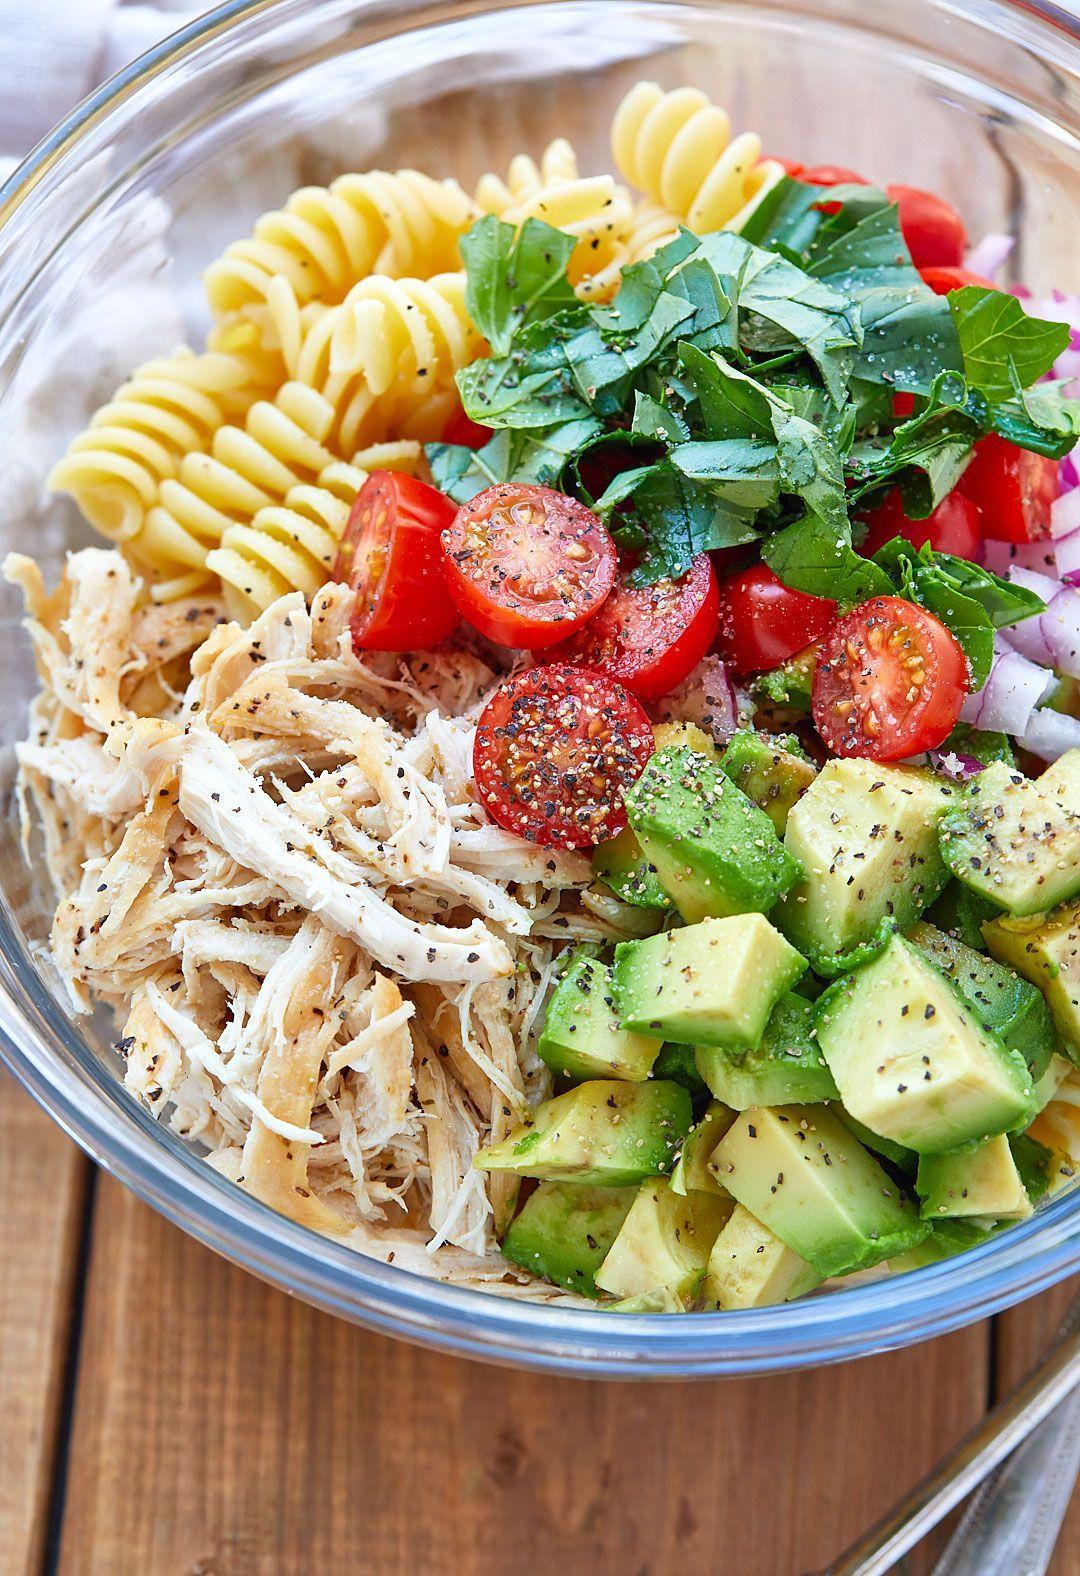 Healthy Chicken Pasta Salad with Avocado, Tomato, and Basil  Healthy Chicken Pasta Salad with Av